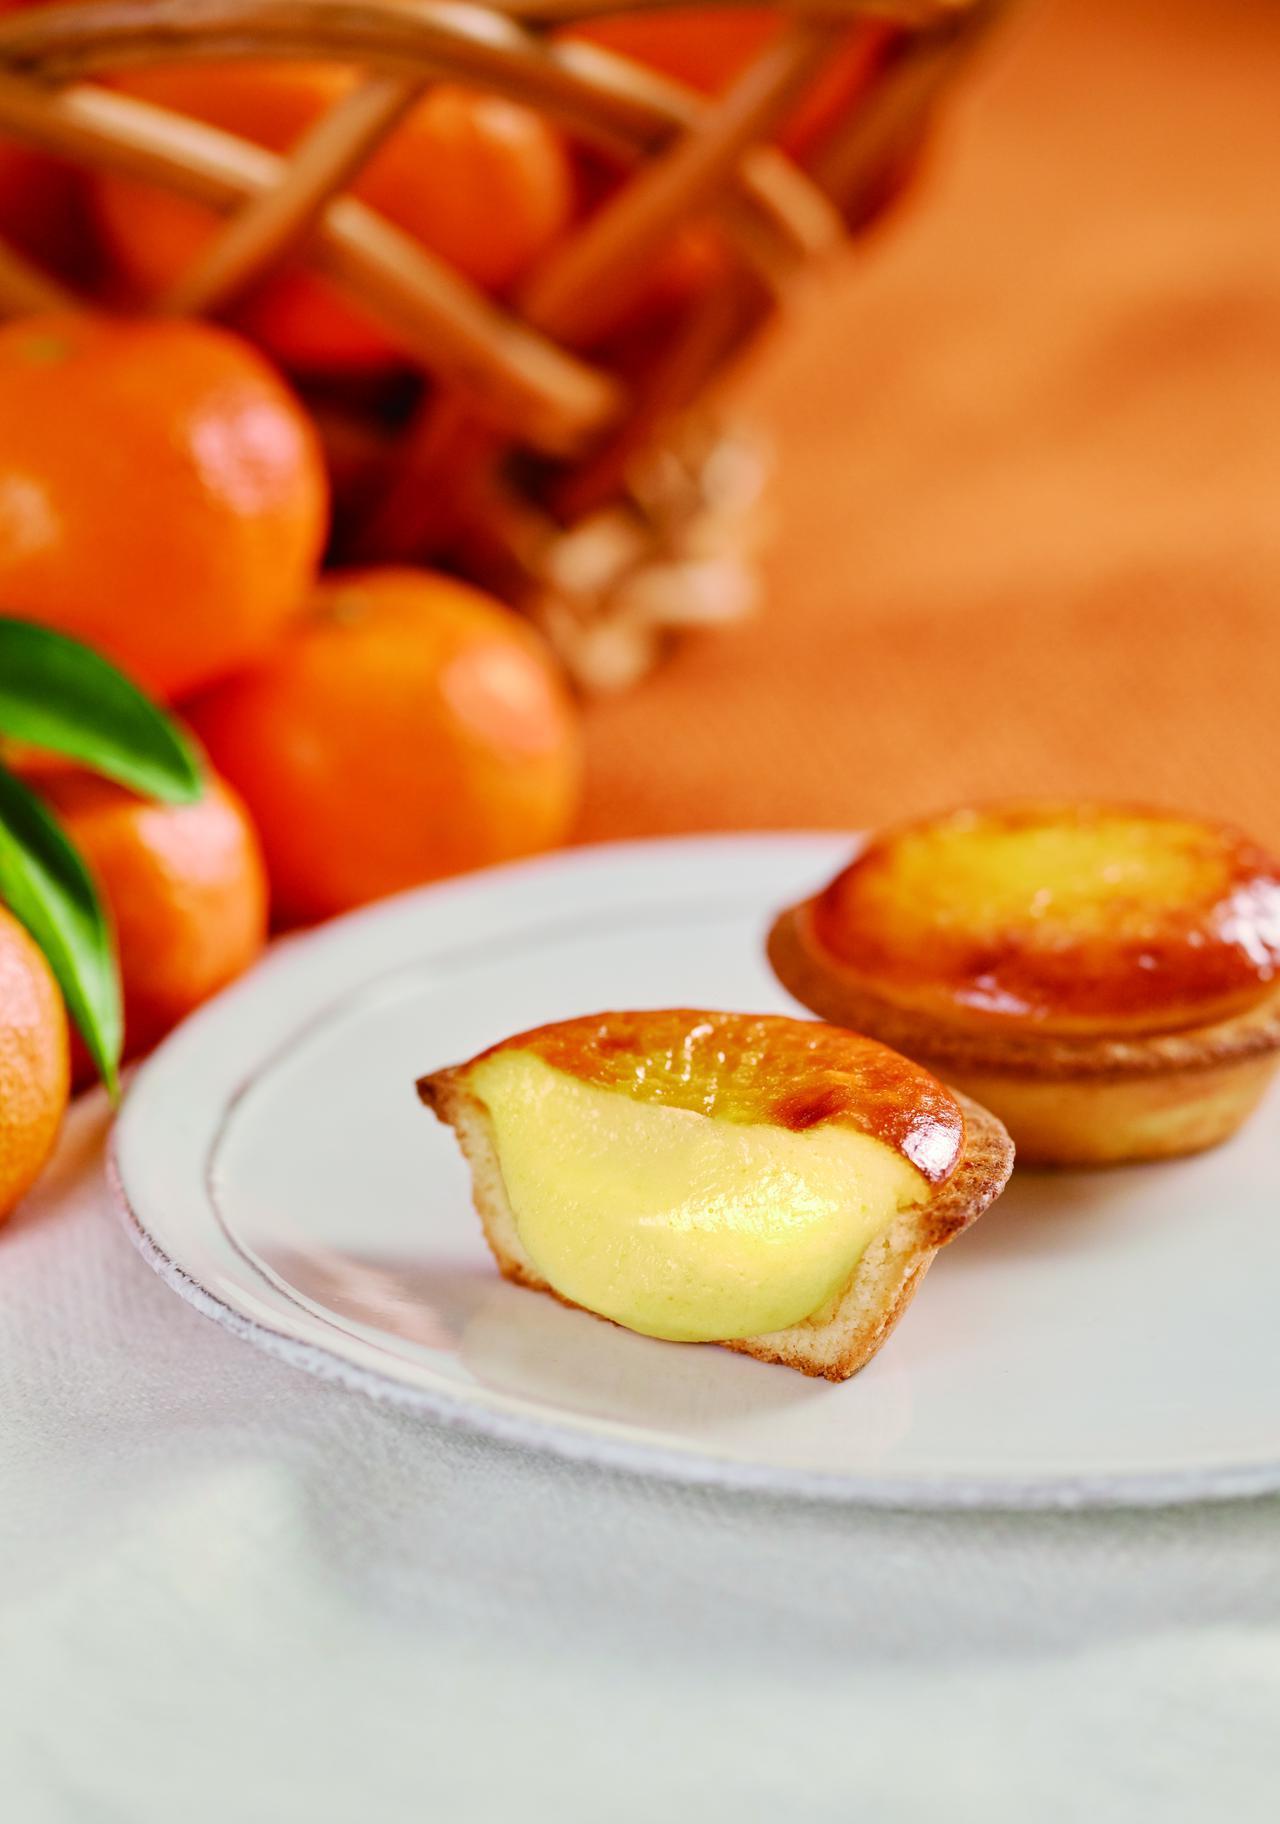 画像2: 年間約3500万個を販売する焼きたてチーズタルト専門店「BAKE CHEESE TART」より静岡県産「三ヶ日みかん」を使用、ほっこり温かみを感じるフレーバー登場!